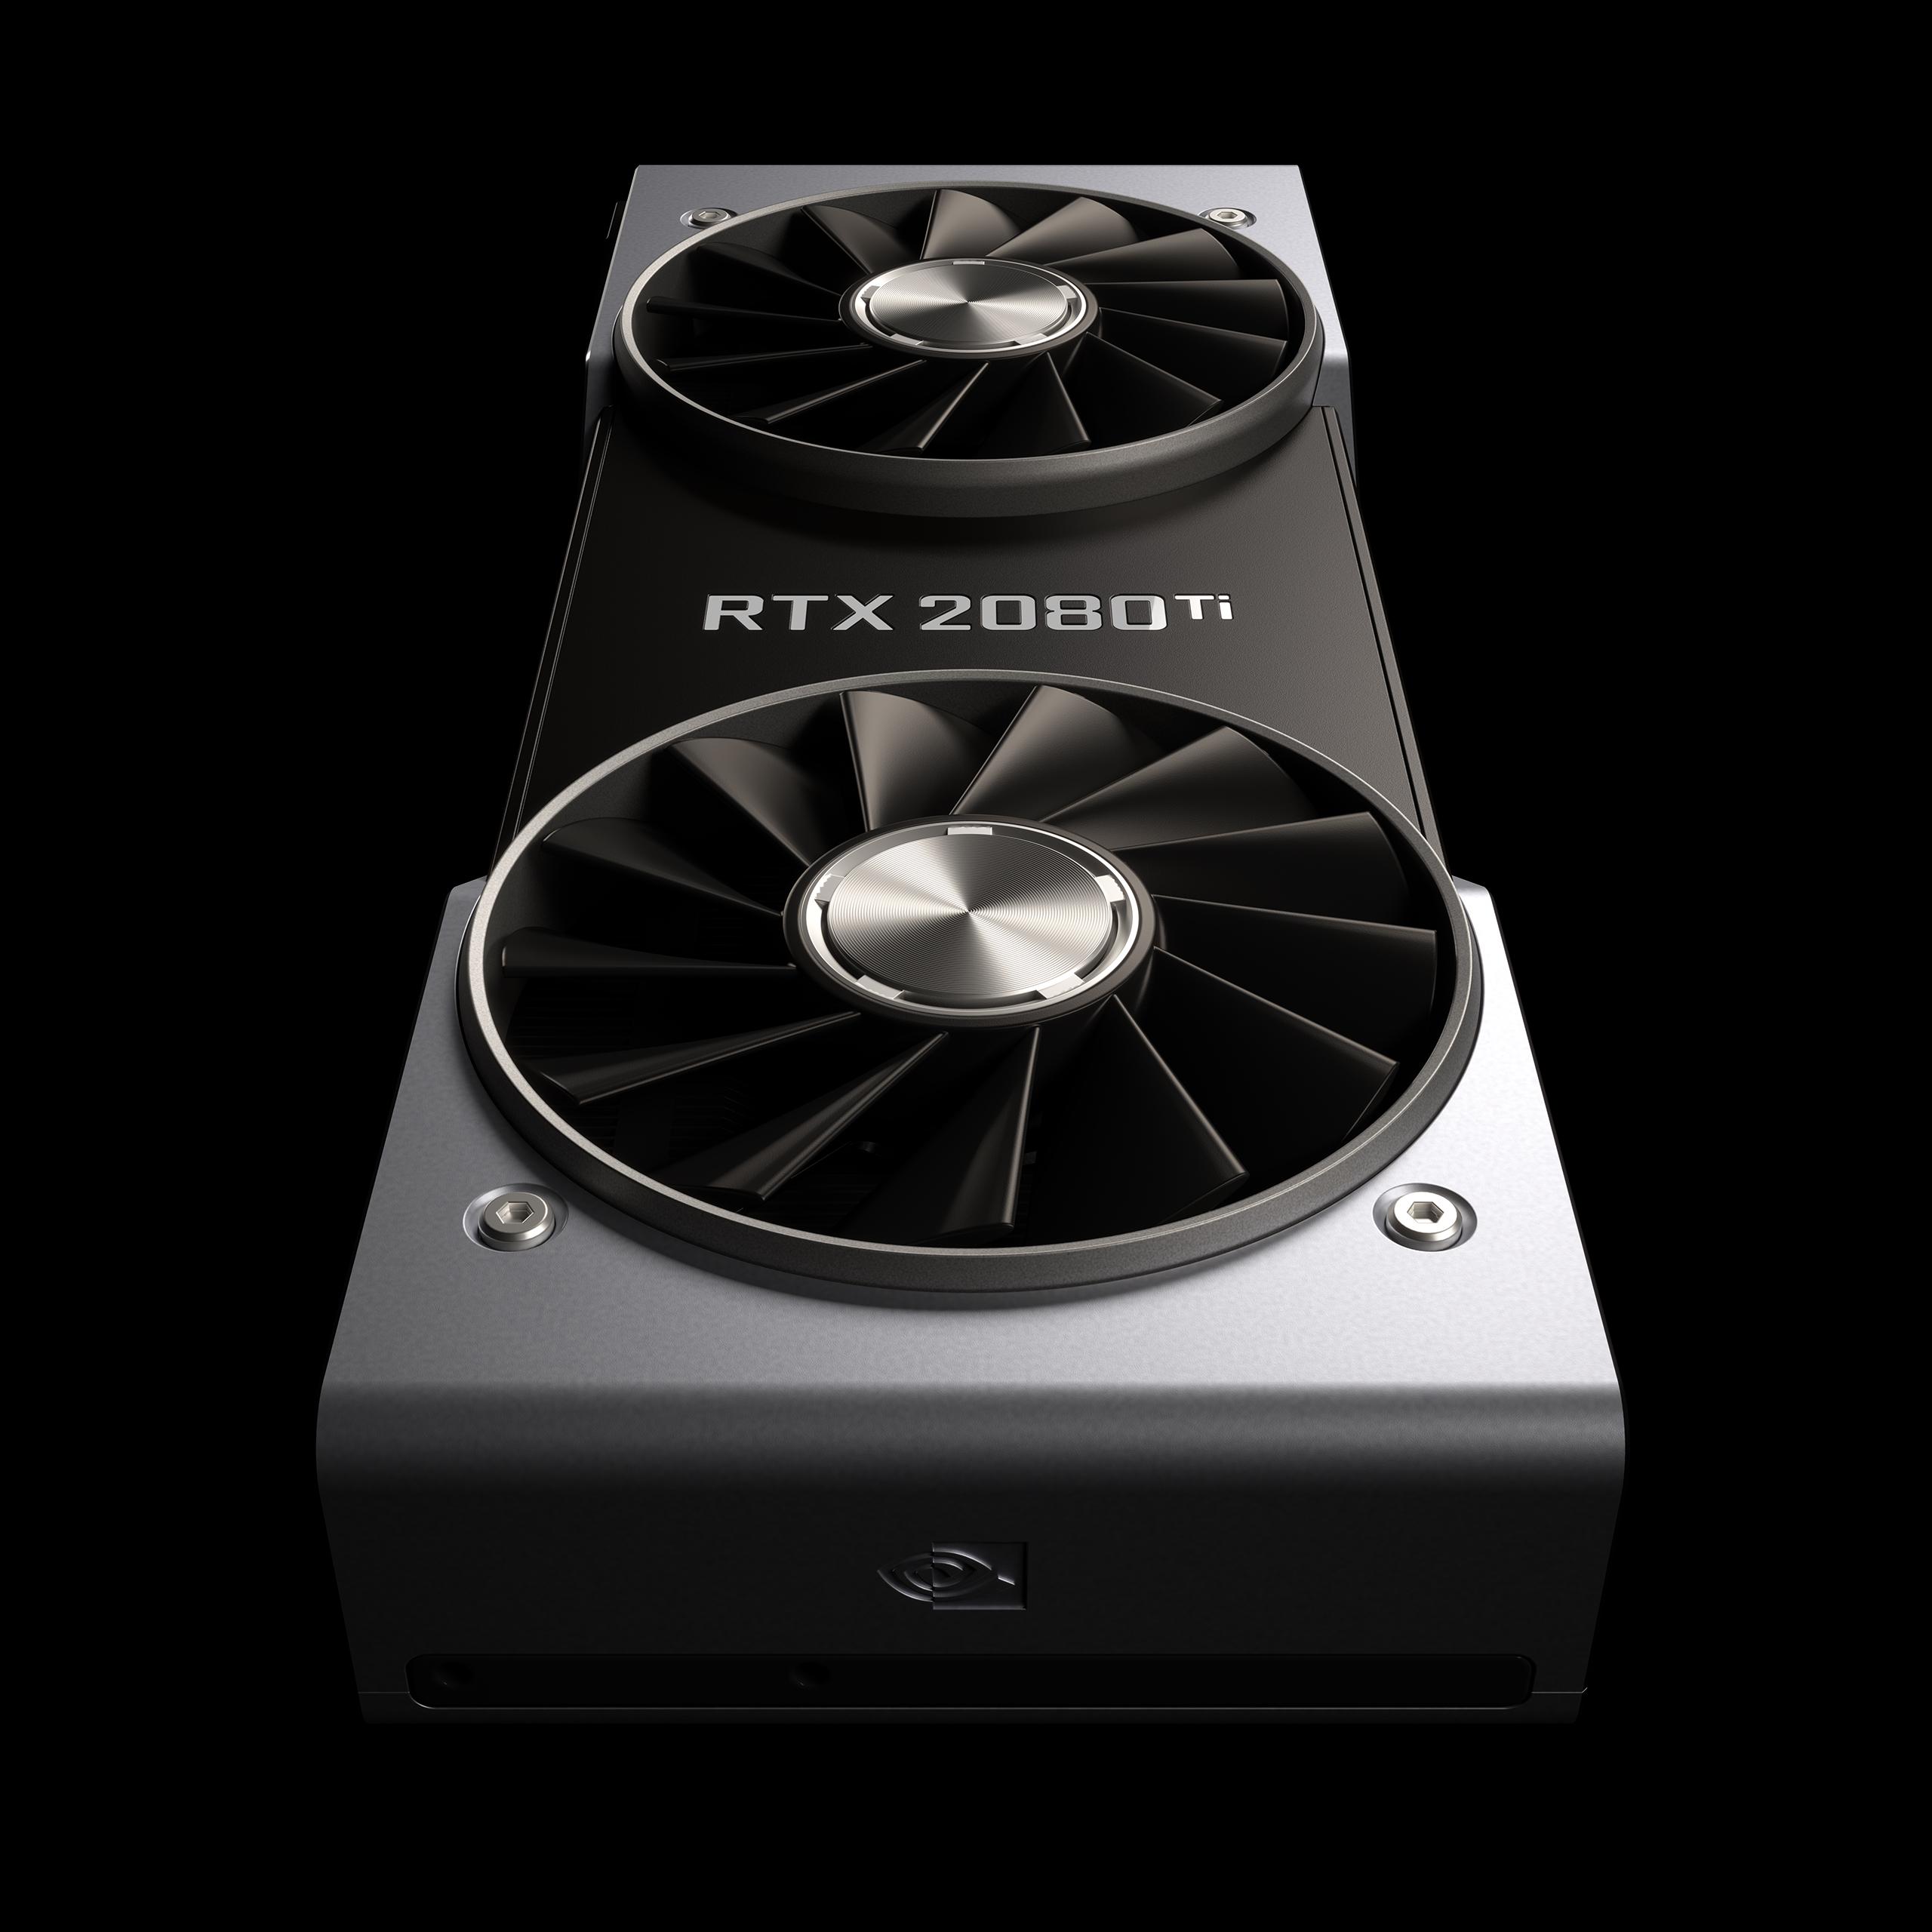 NVIDIA lança oficialmente e abre pré-venda para RTX 2070, 2080 e 2080 Ti